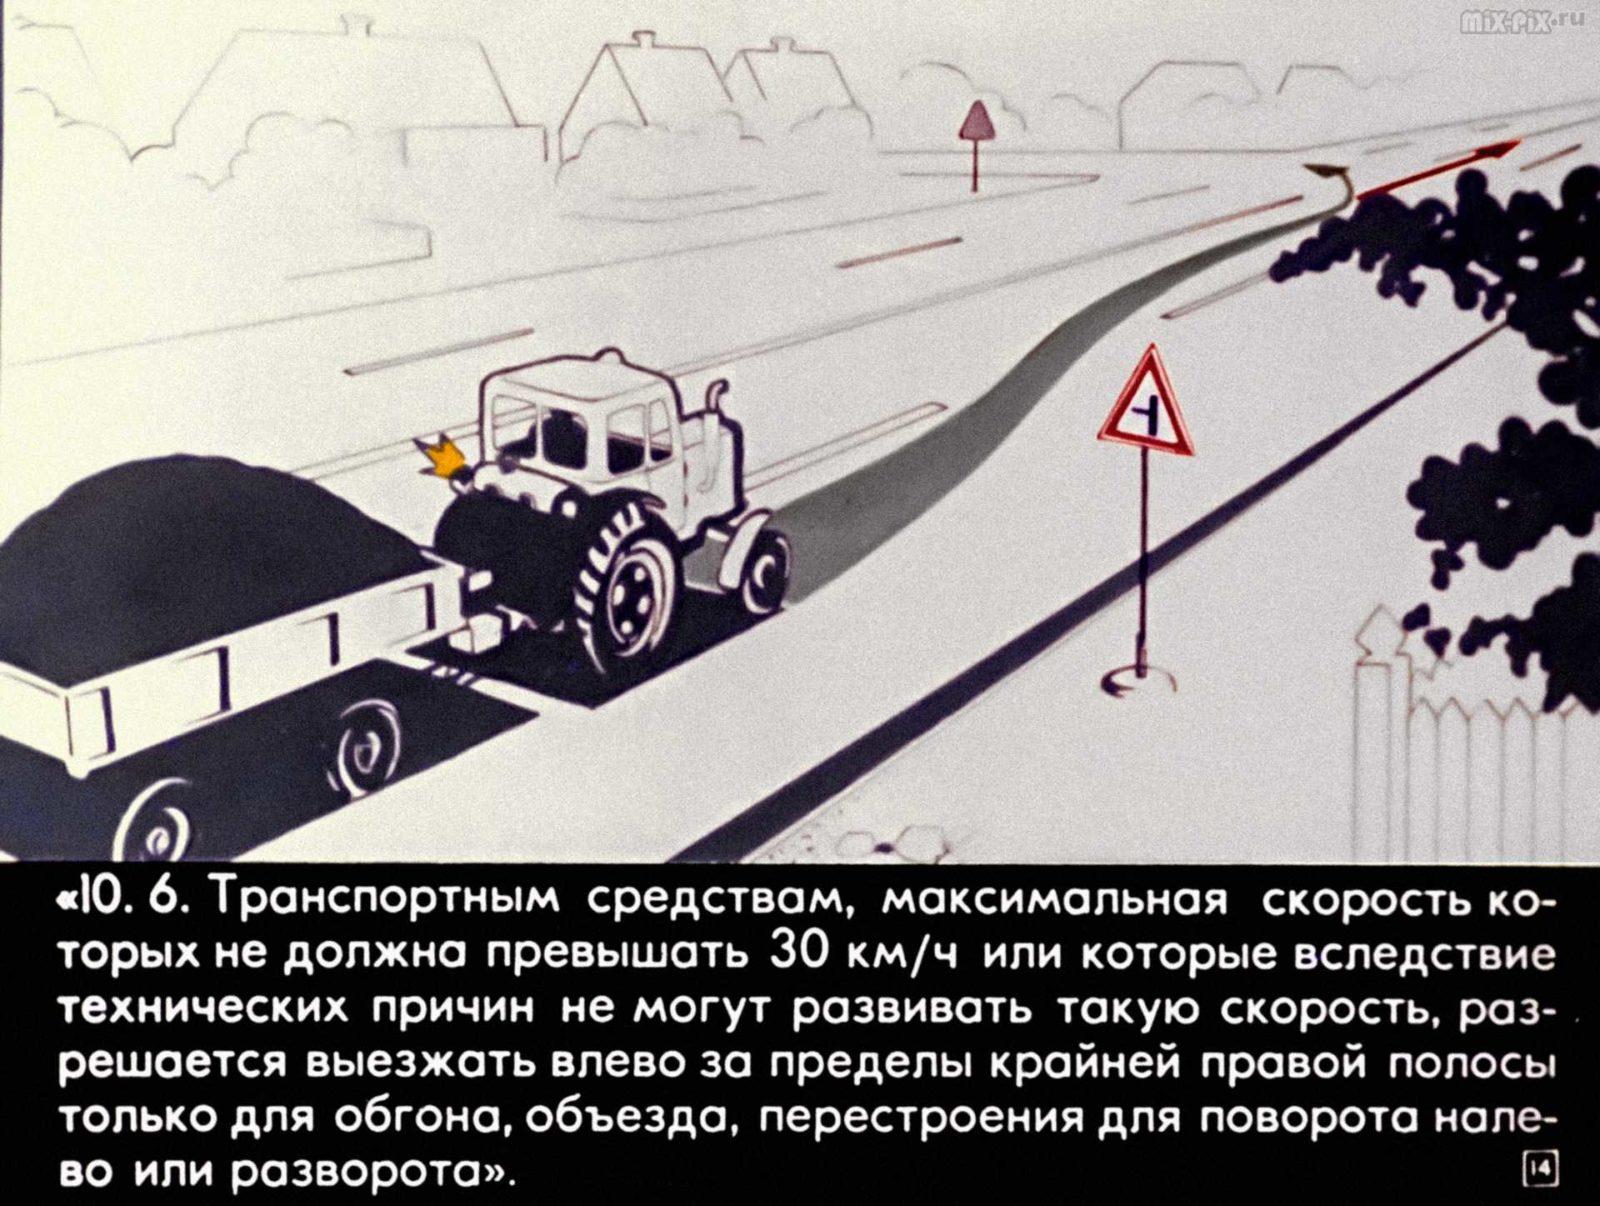 Правила дорожного движения. Расположение транспортных средств на проезжей части. Начало движения. Маневрирование (1983) 37